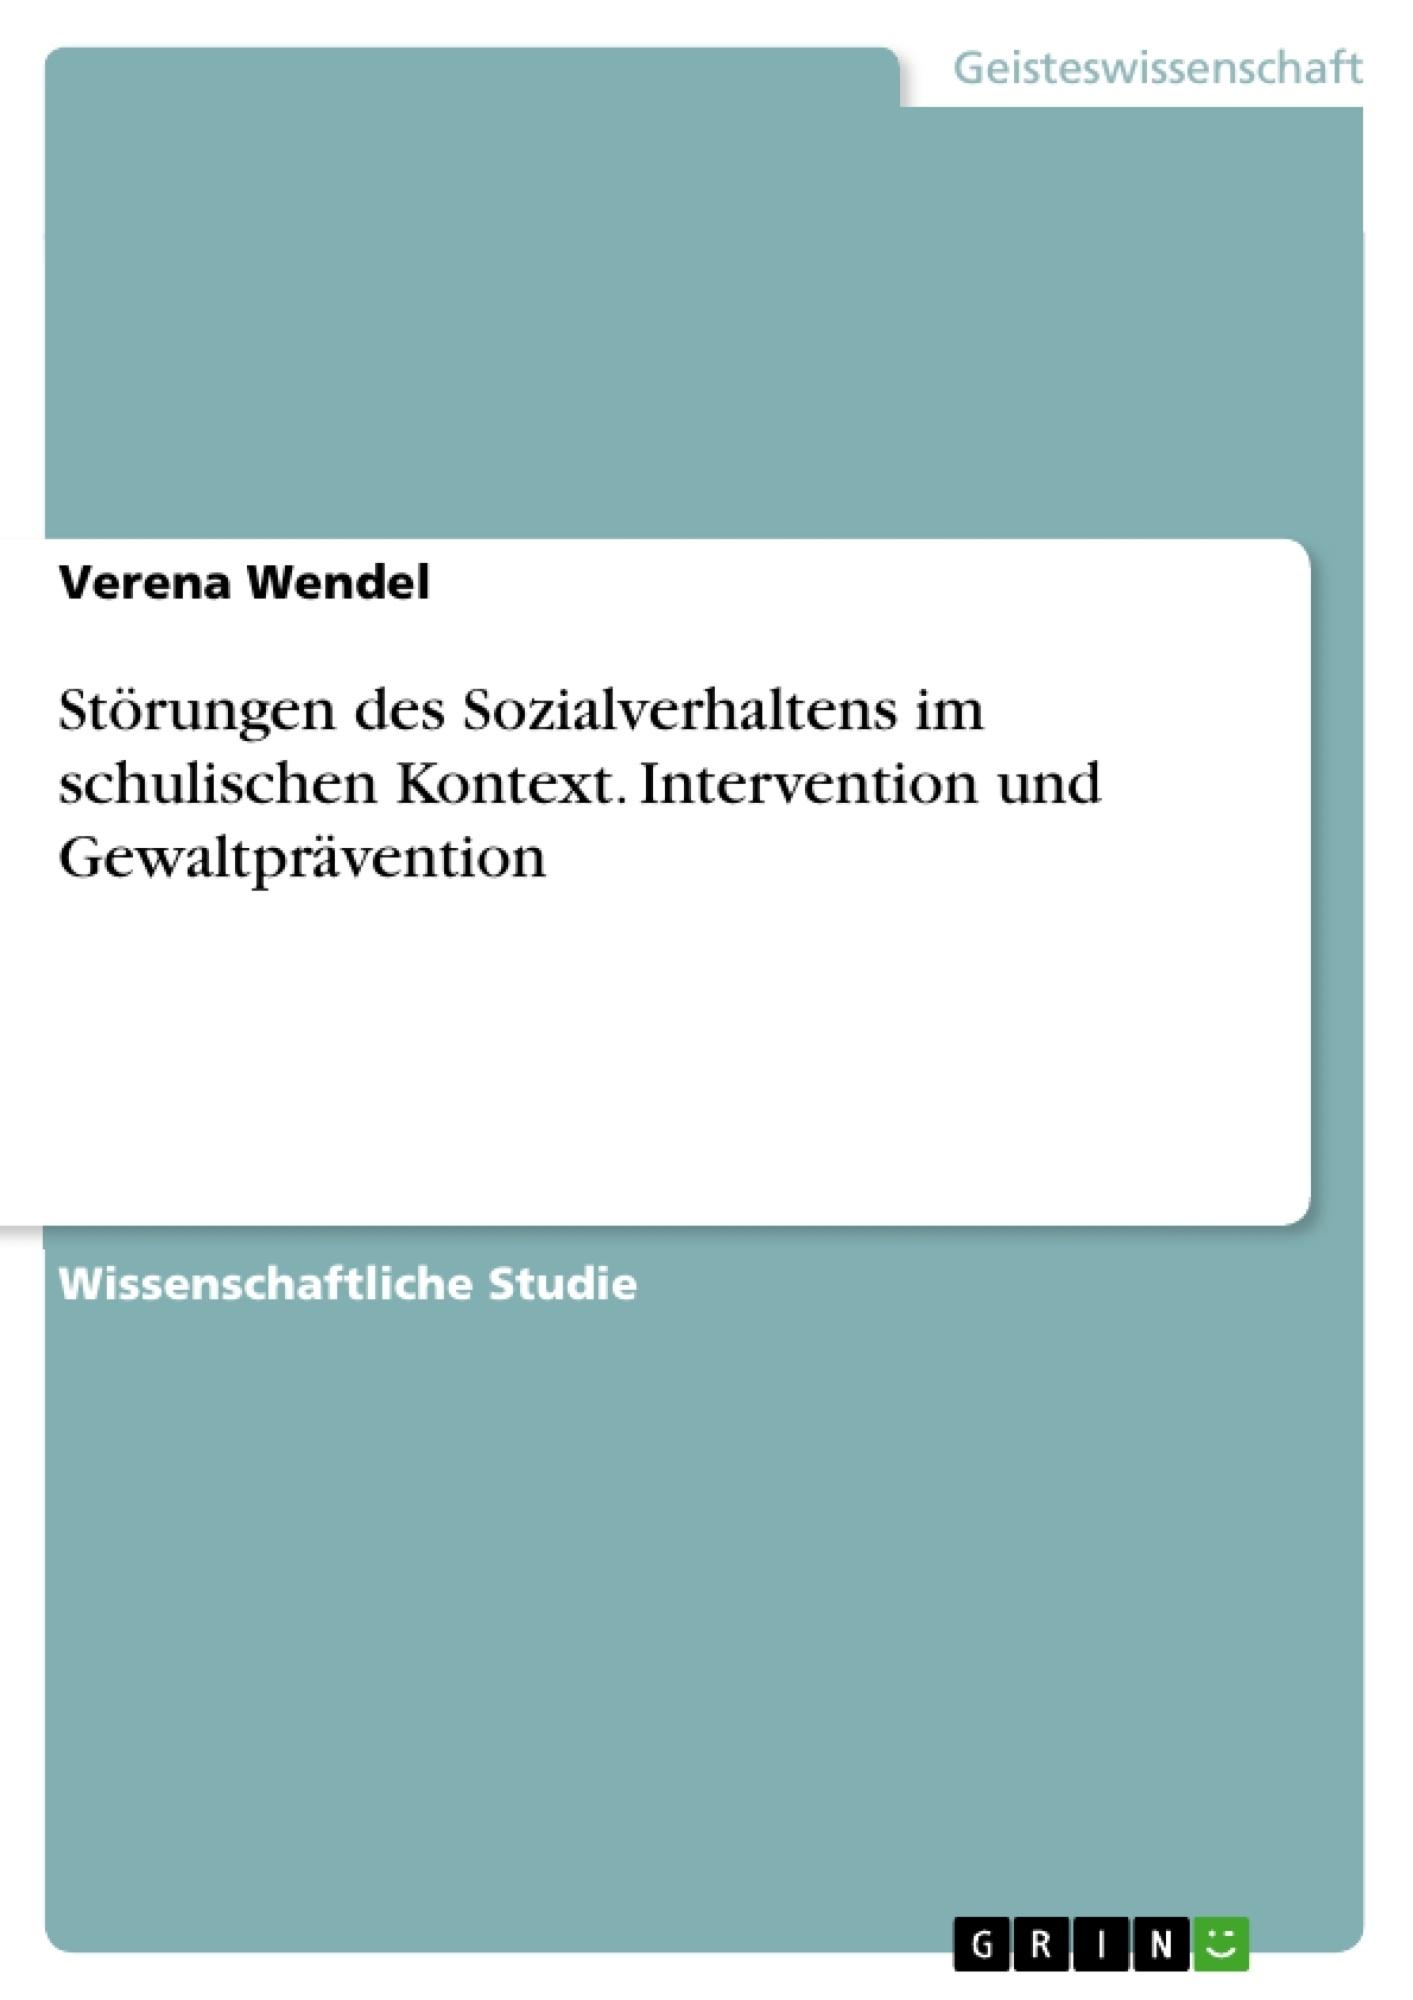 Titel: Störungen des Sozialverhaltens im schulischen Kontext. Intervention und Gewaltprävention